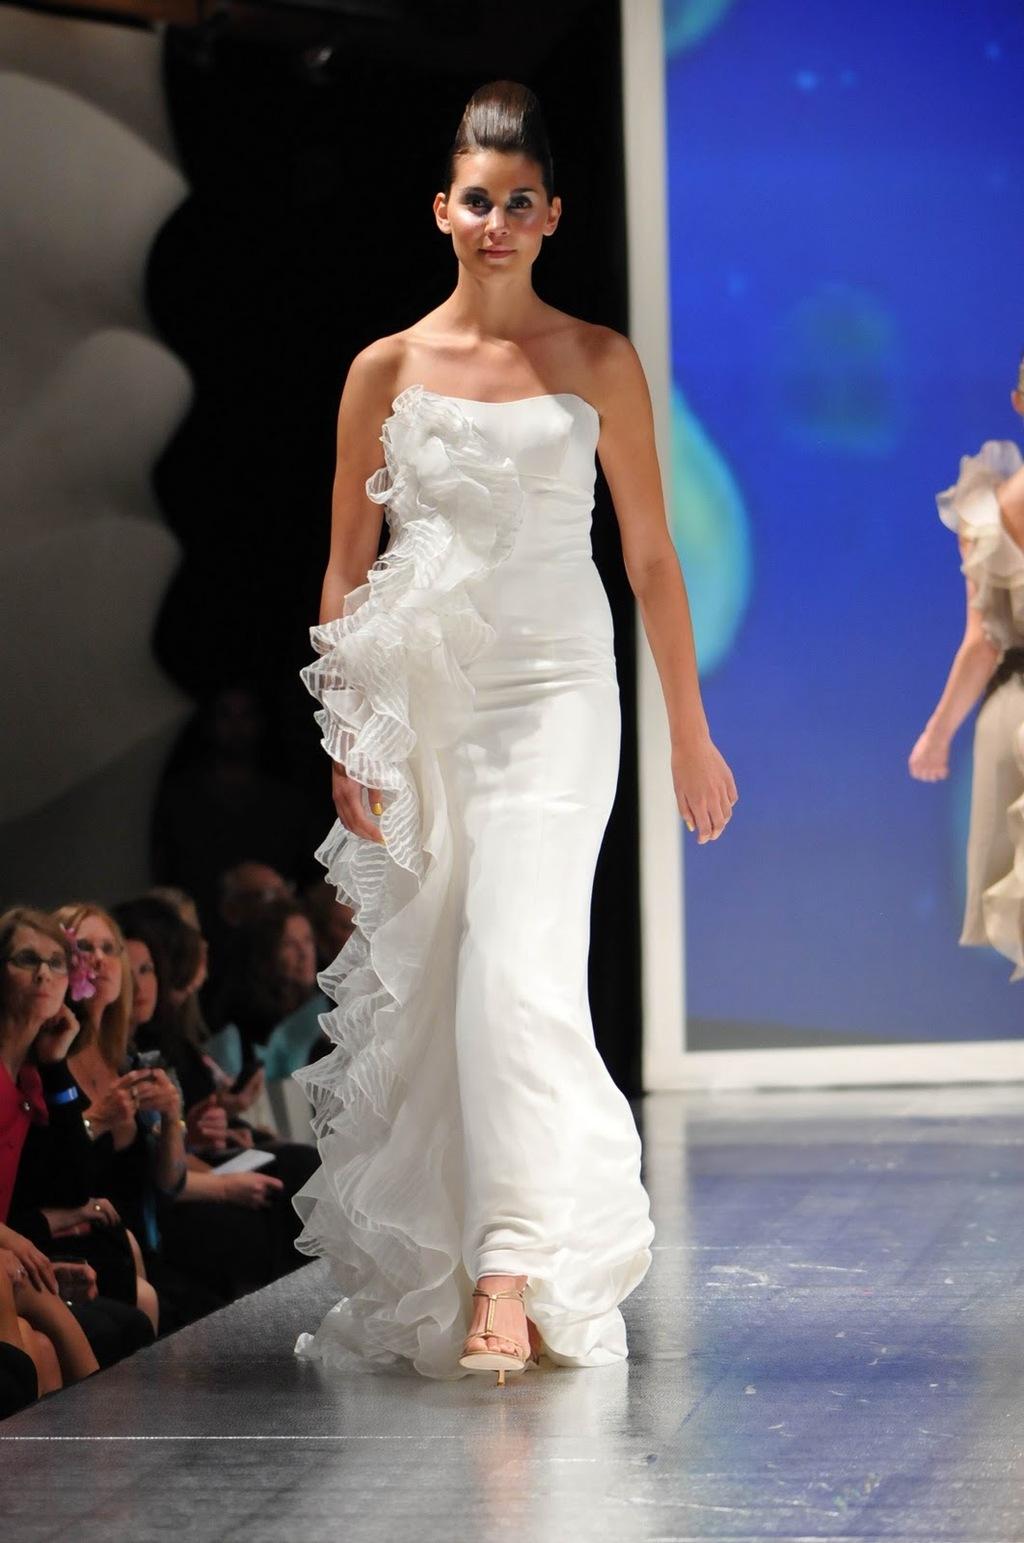 Luly-yang-2011-wedding-dress-inspireation-ocean-white-strapless.full